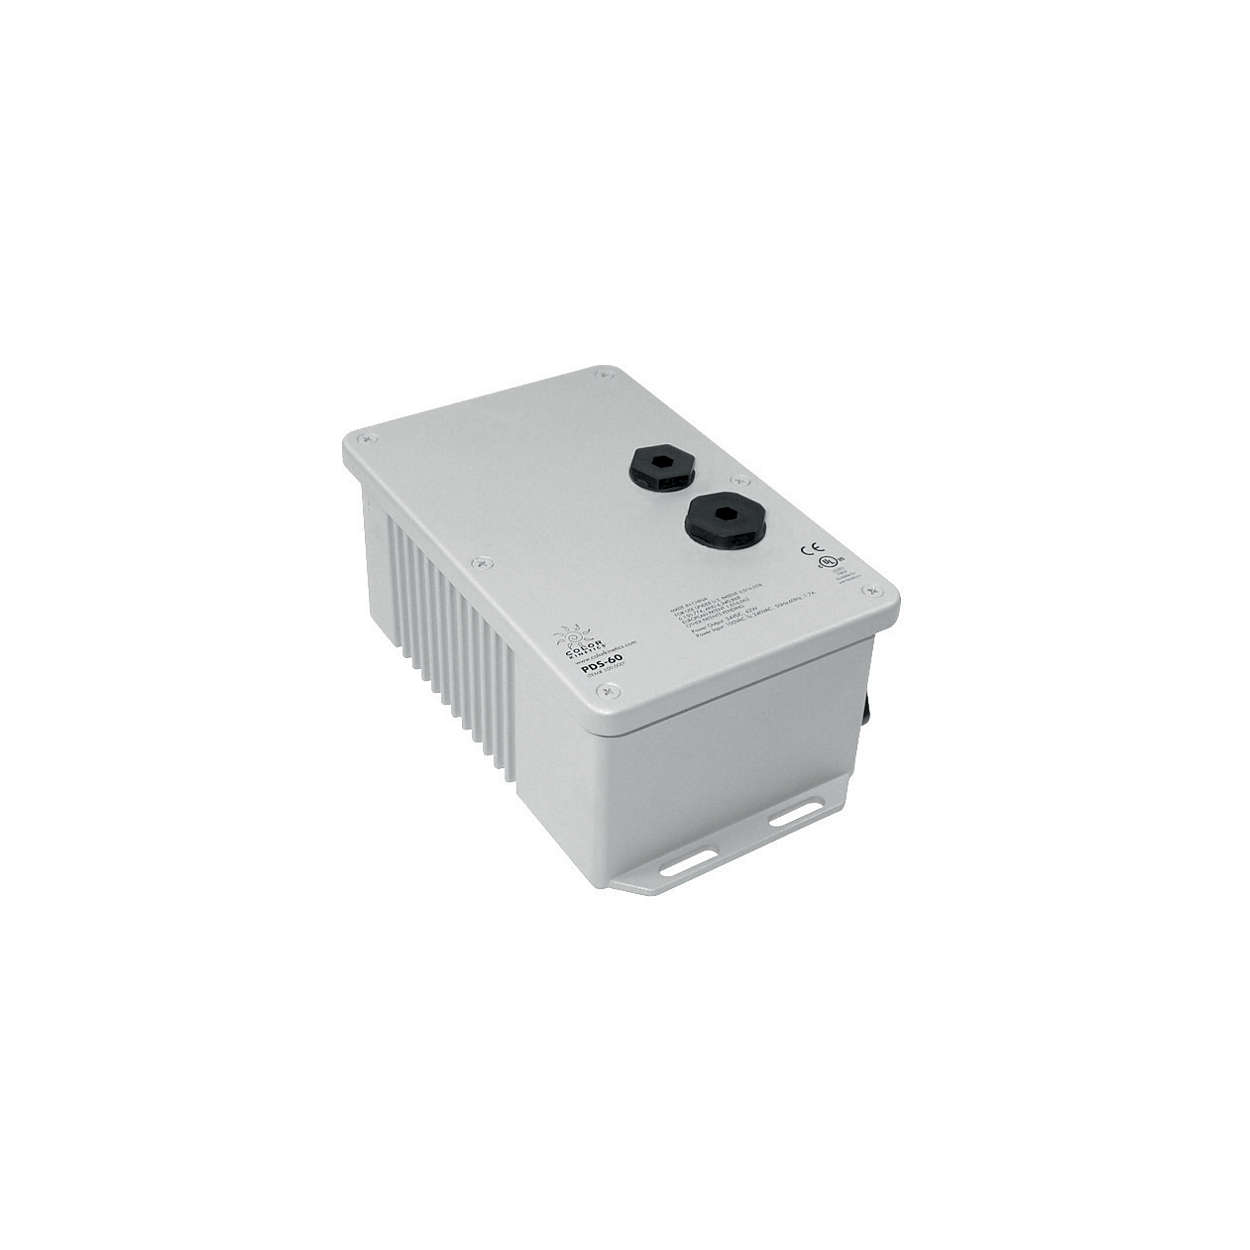 ZCX400 Power/data accessories